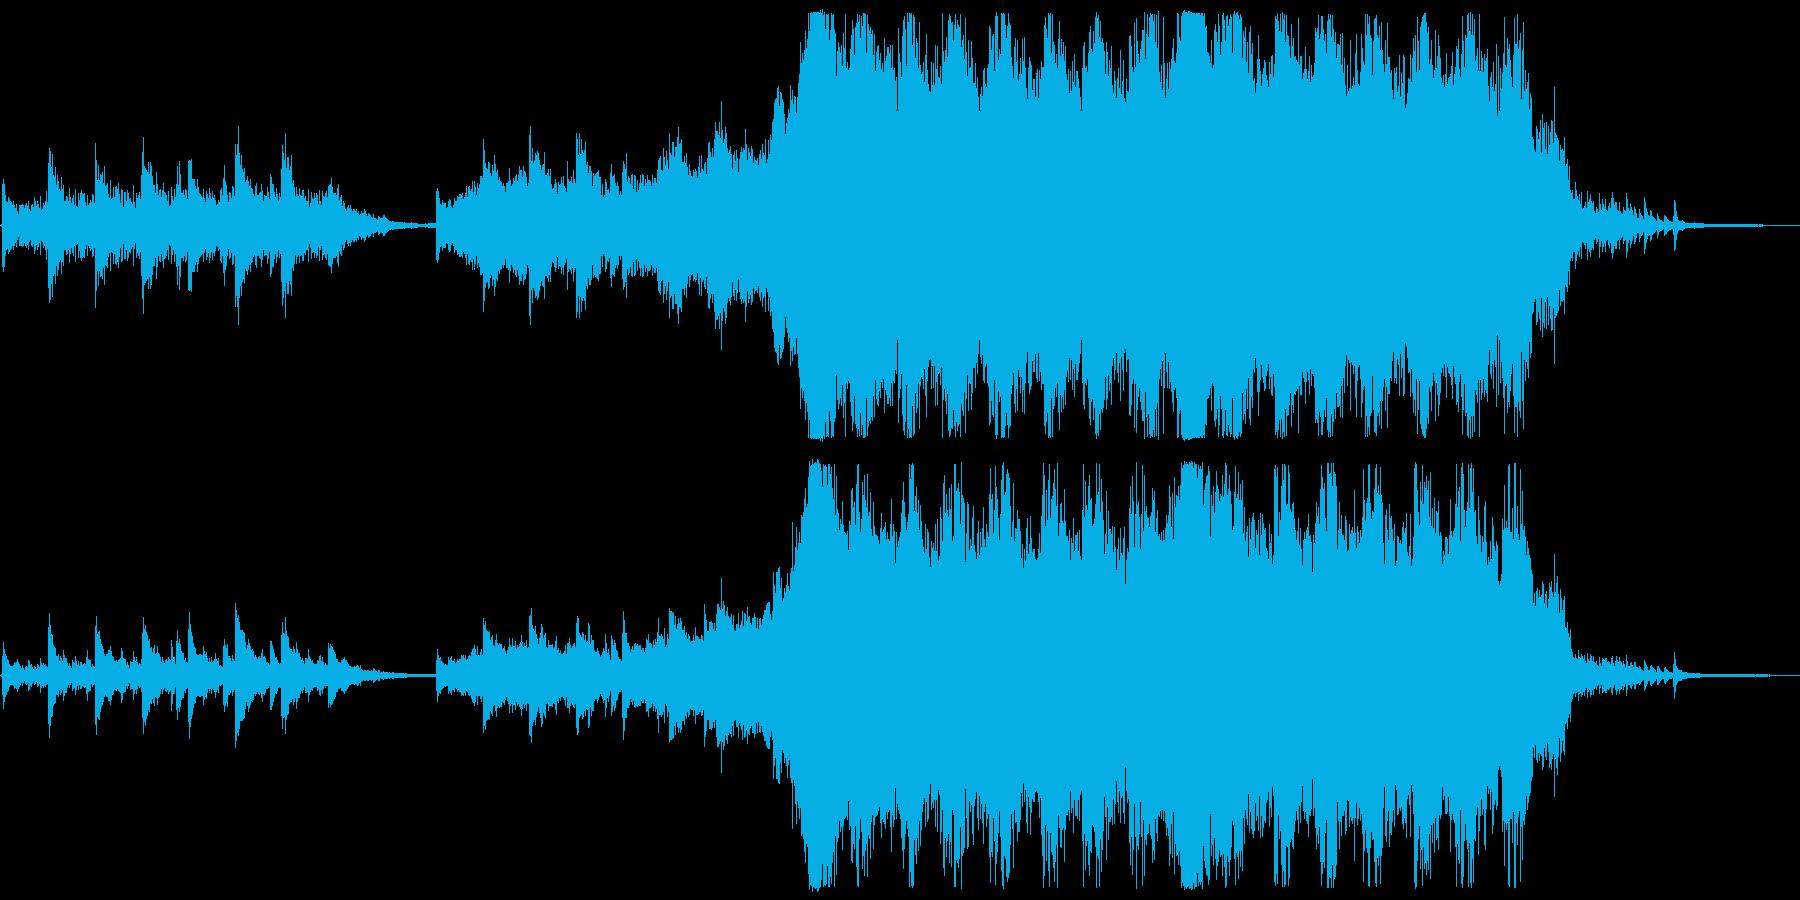 Imposingの再生済みの波形